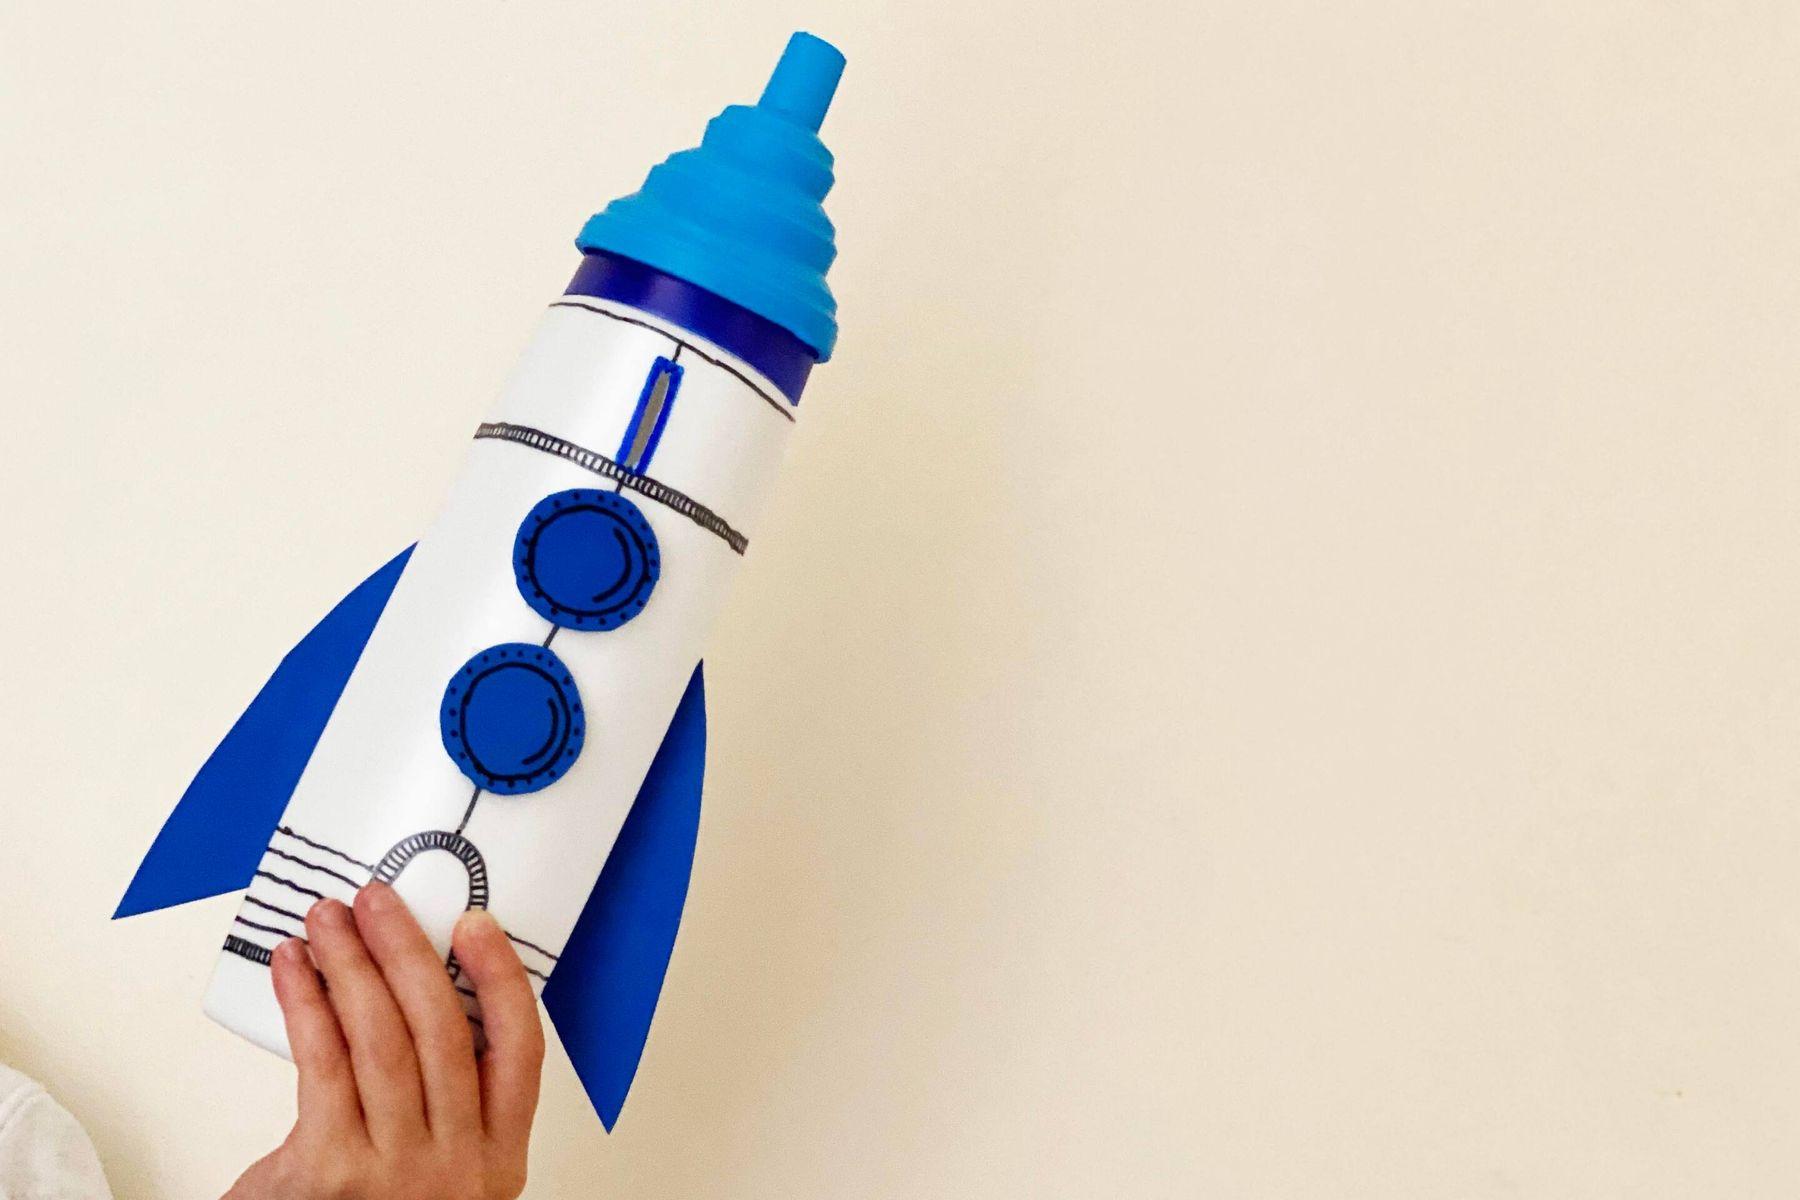 A plastic bottle rocket piggy bank